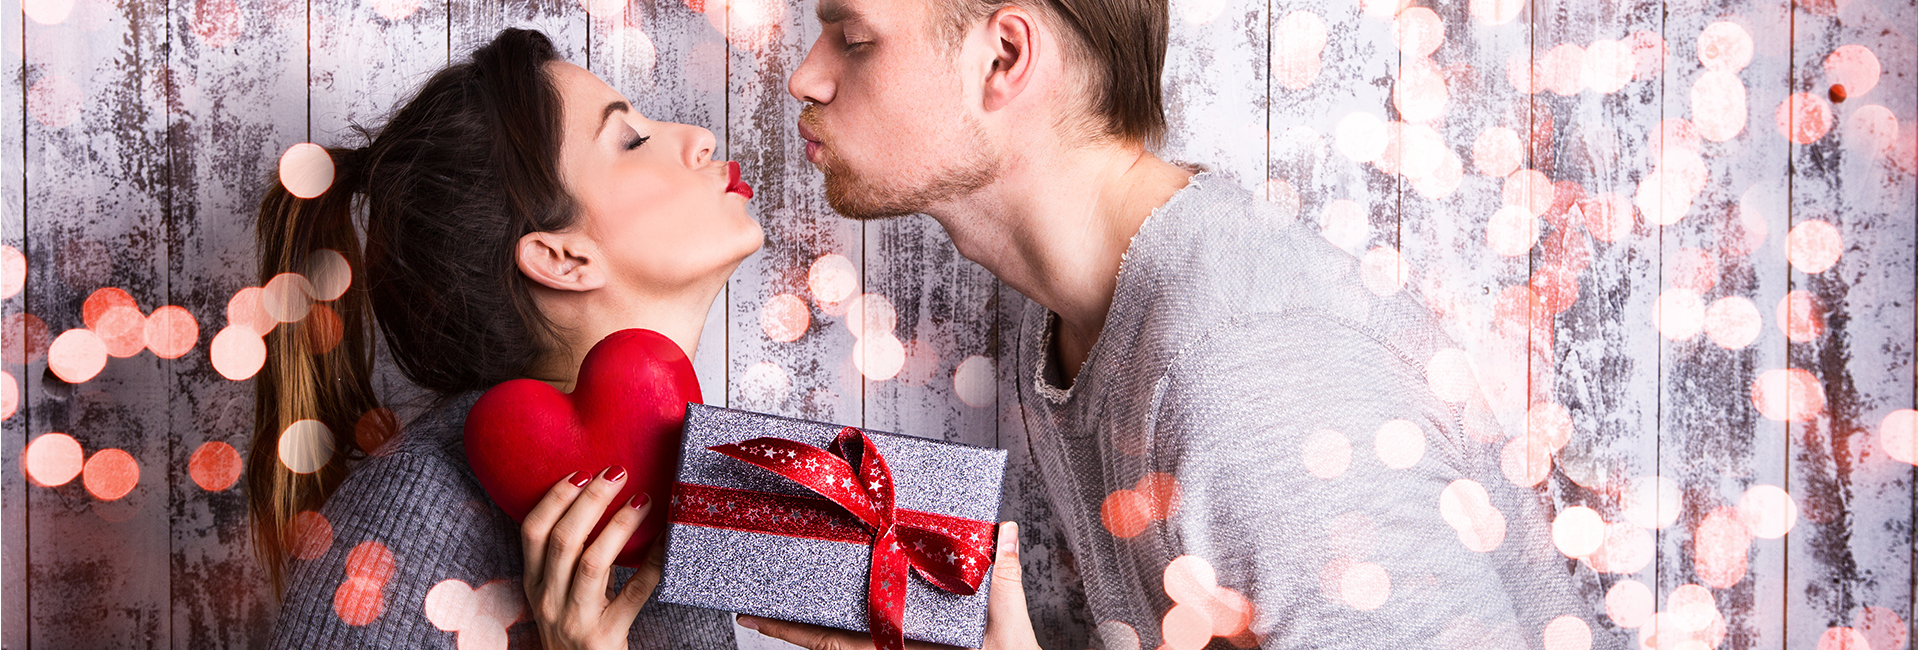 Quoi offrir à la Saint-Valentin ?